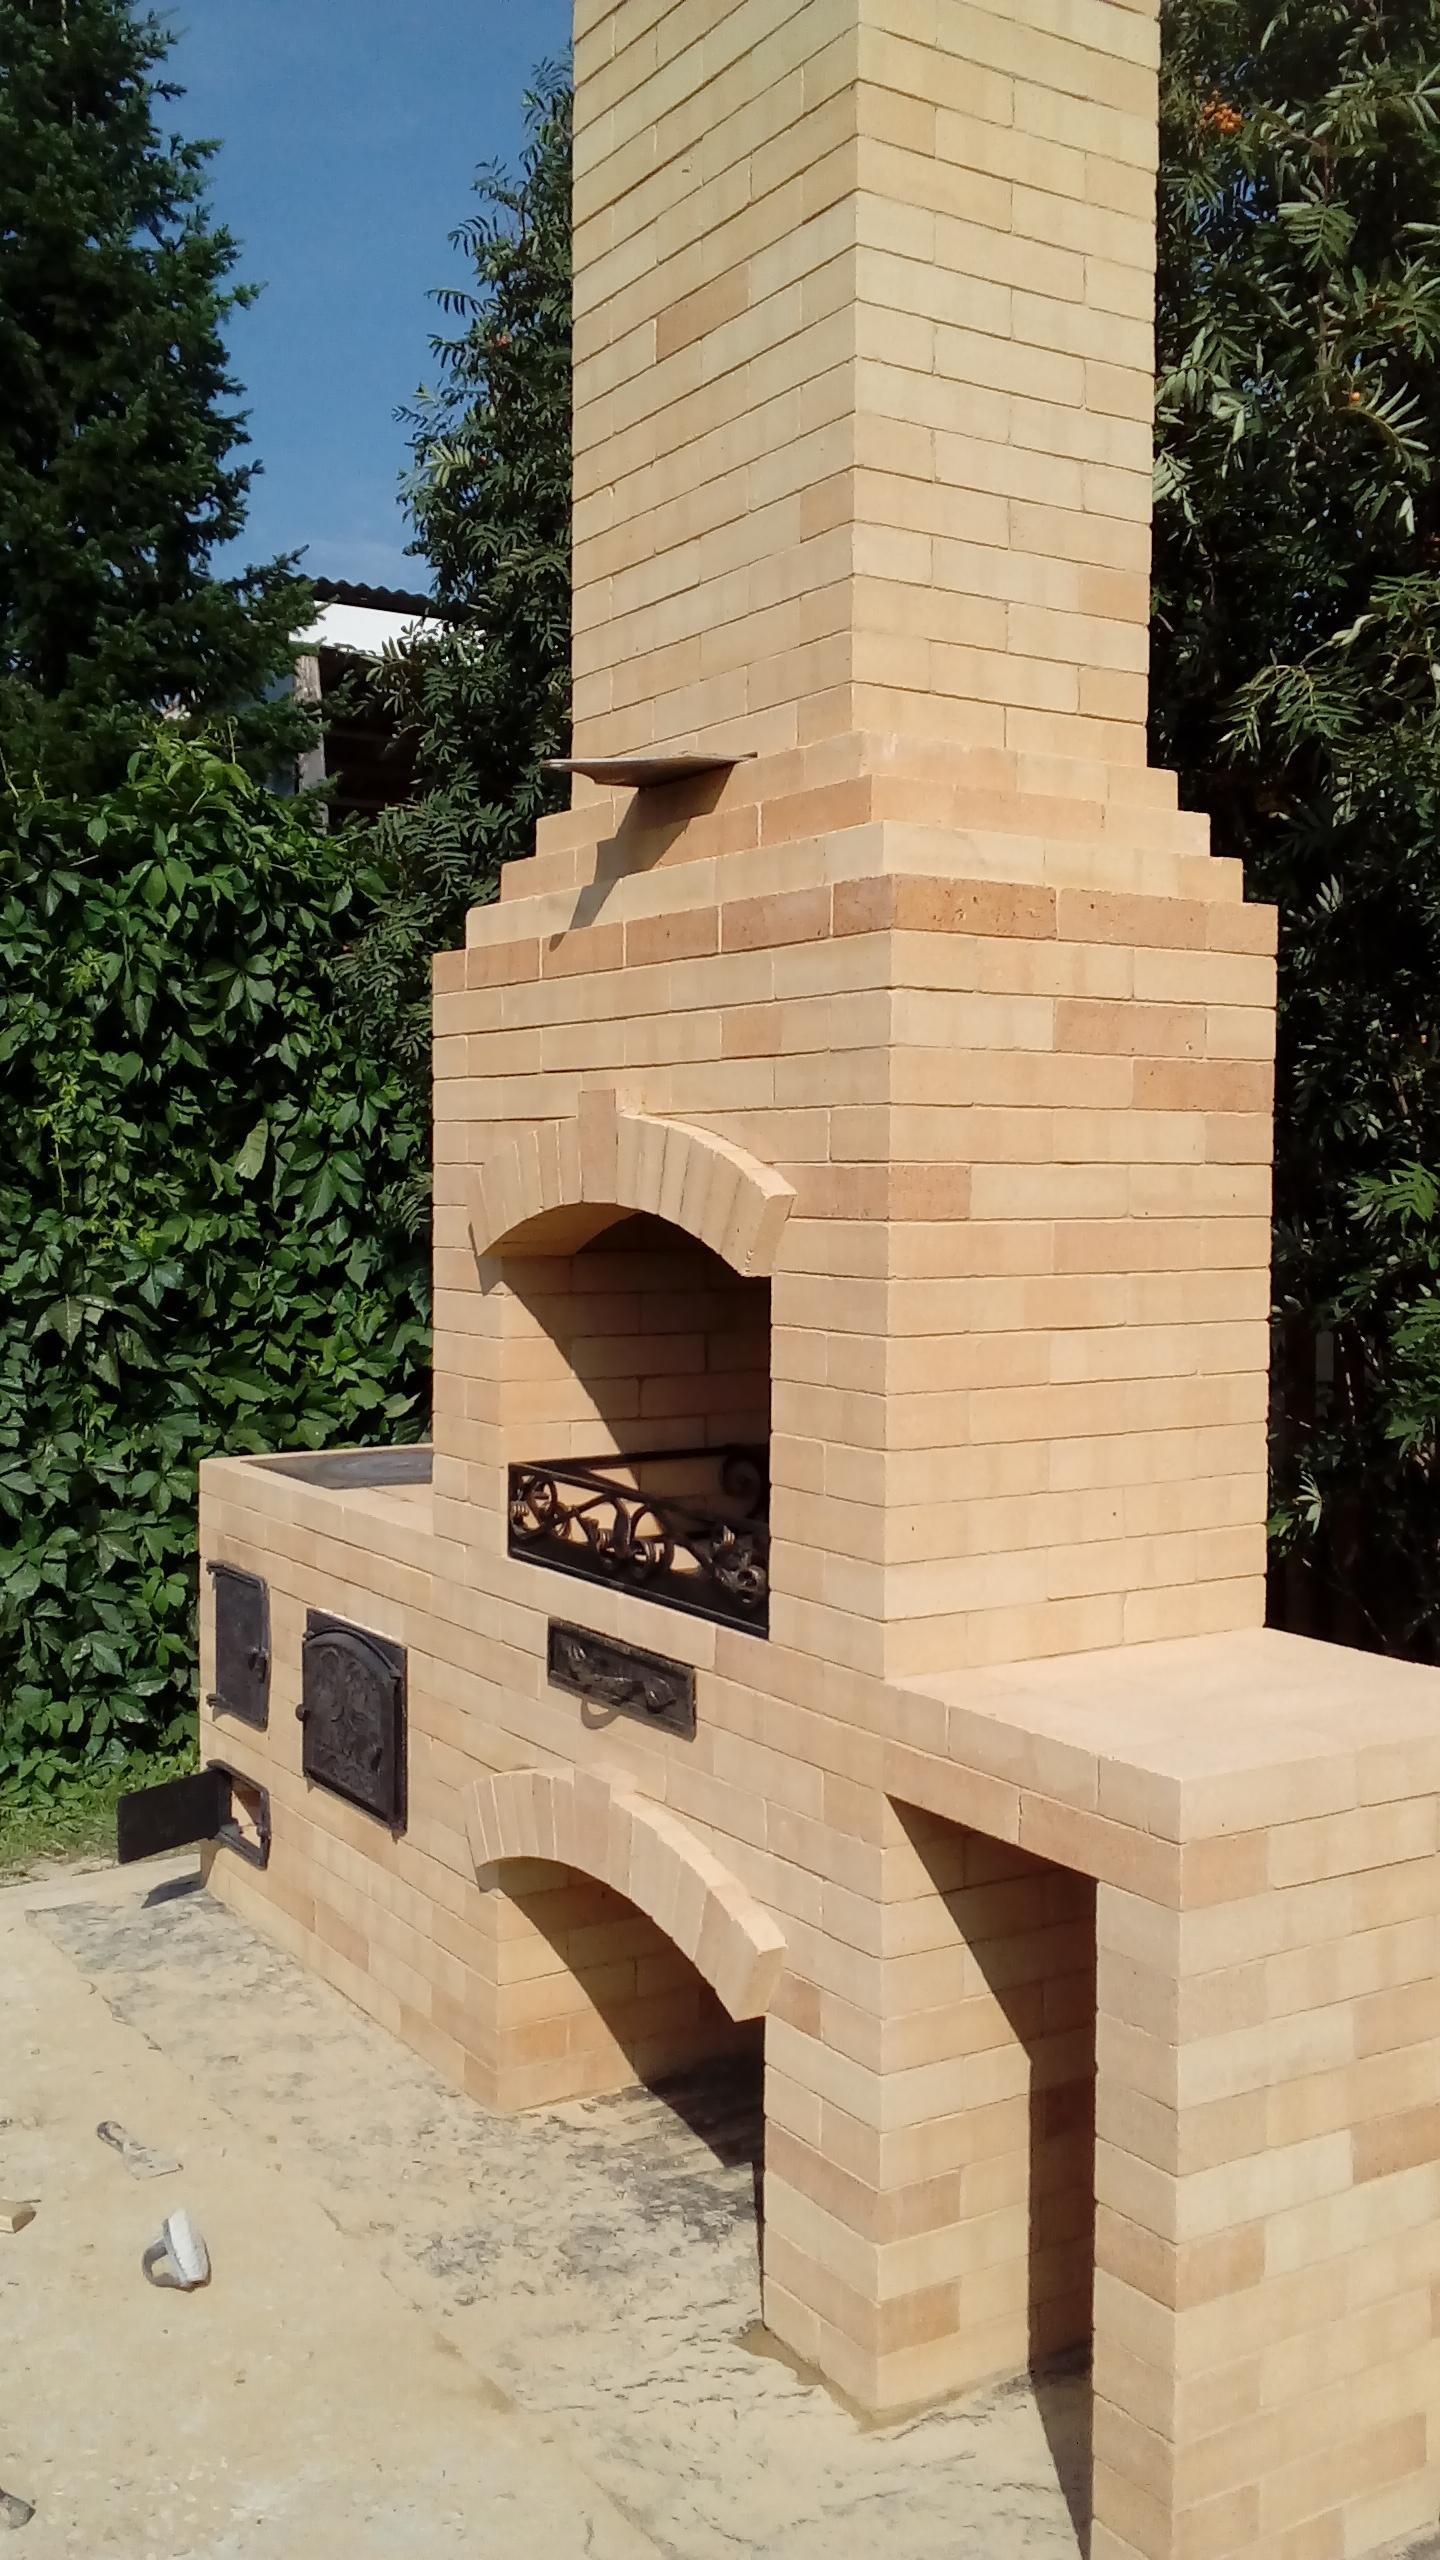 Фото барбекю з плитою раковиною материалы для печи-барбекю